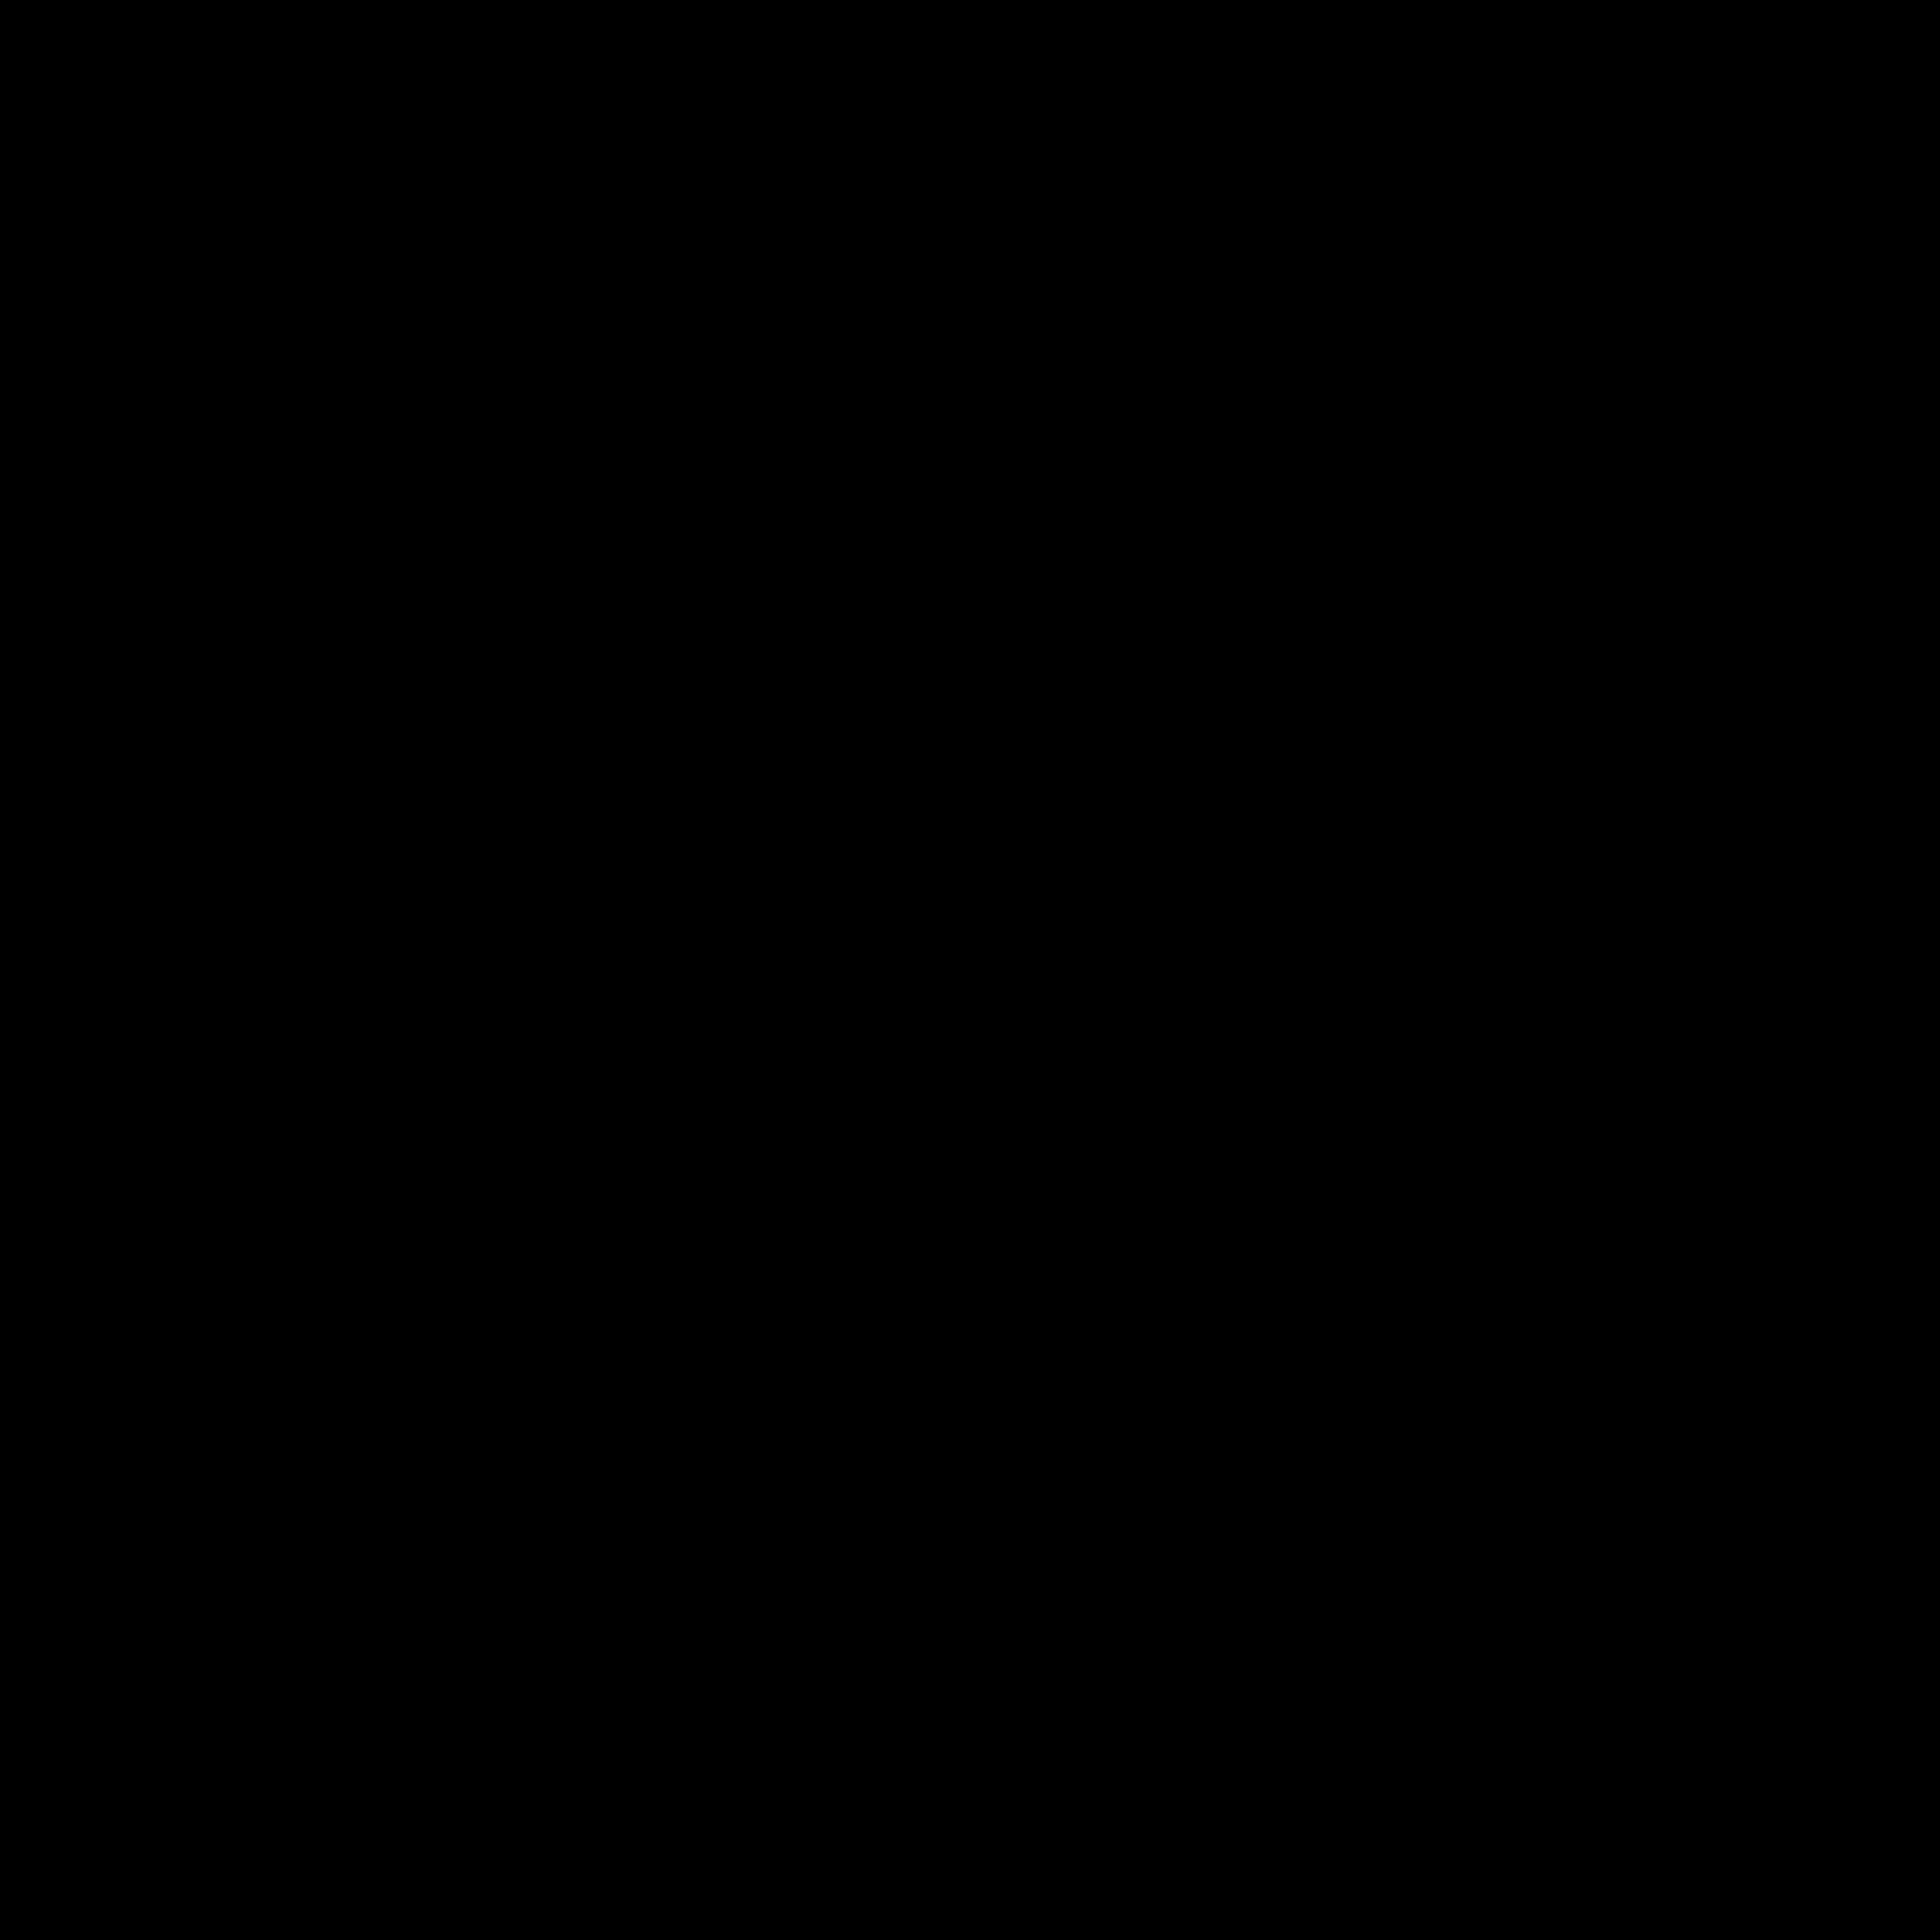 Carhartt 2 logo png transparent